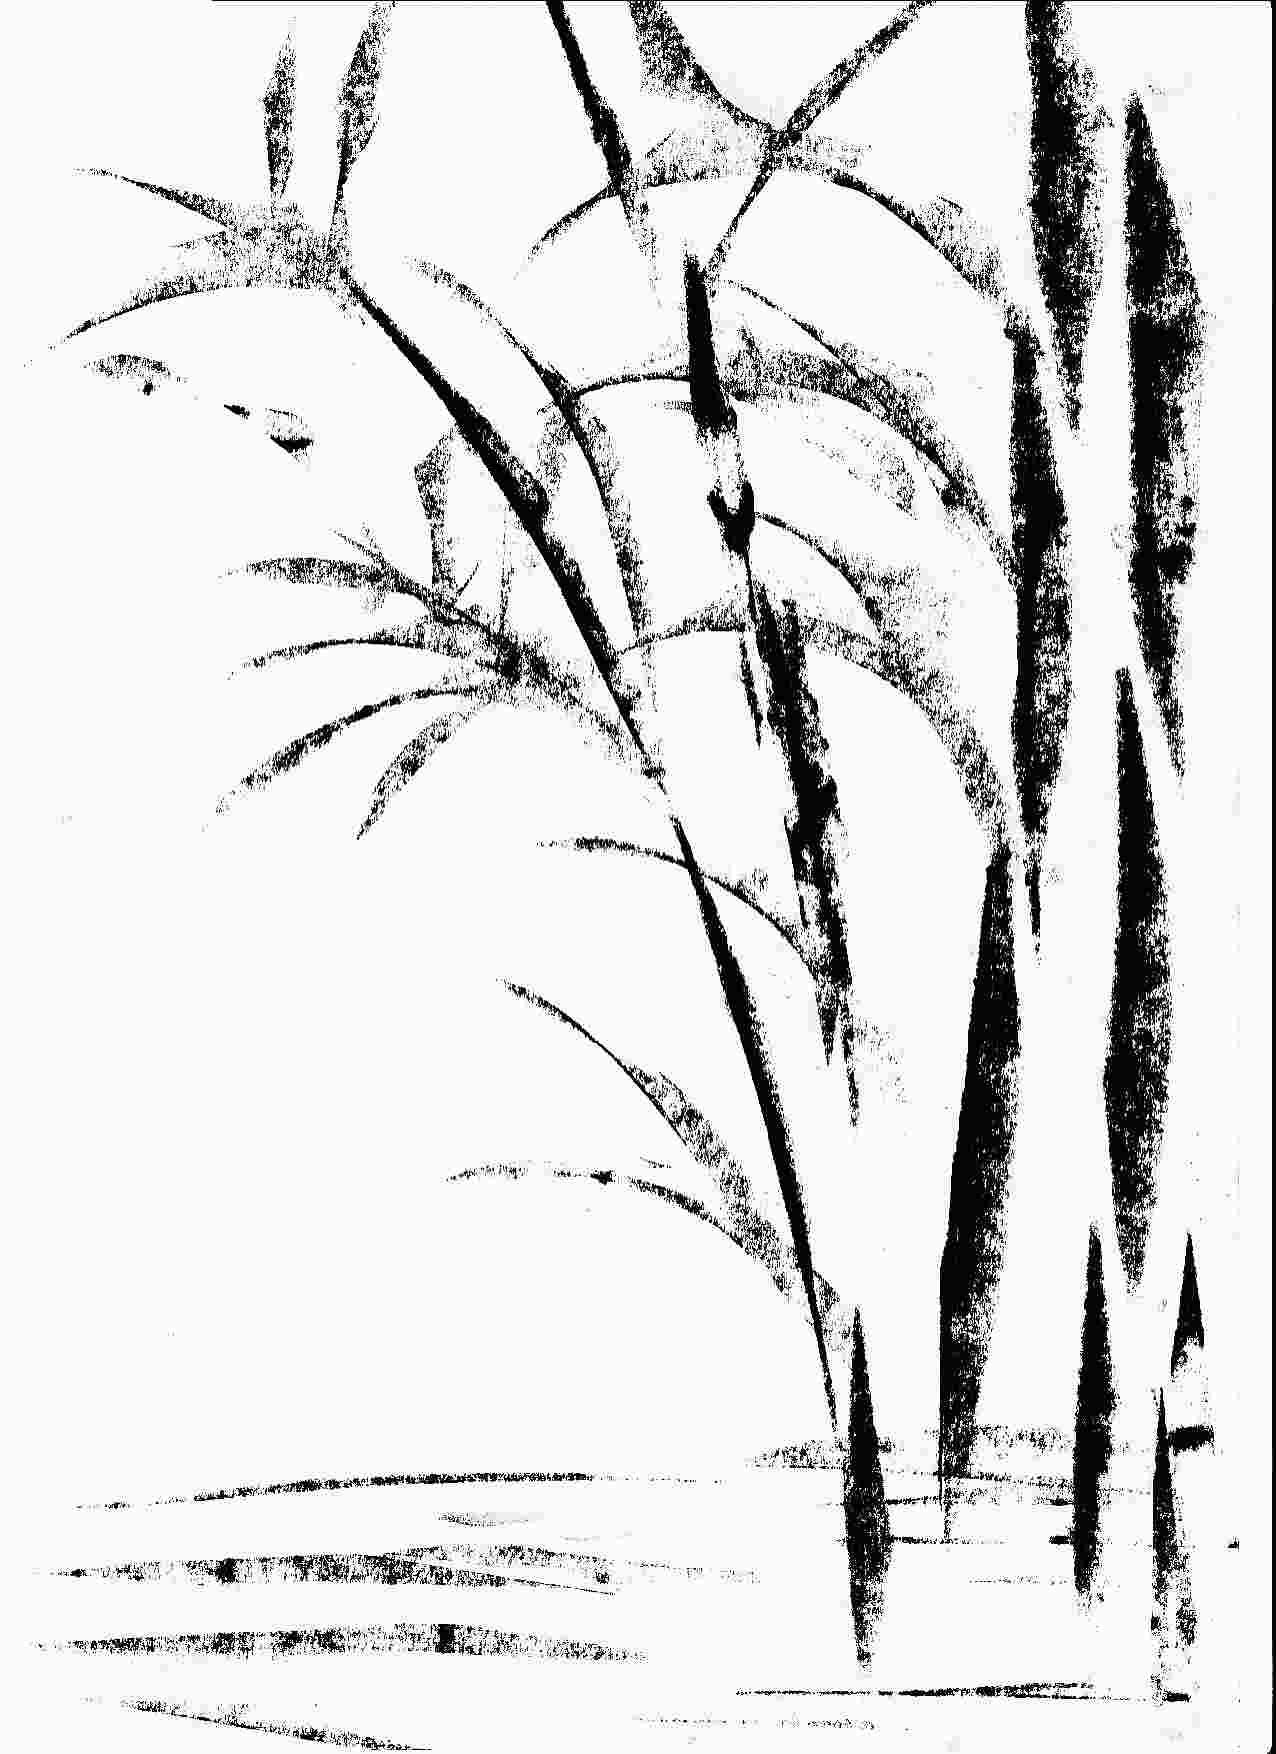 Weiß, Zeichnung, Schwarz, Skizze. 7. Bambus